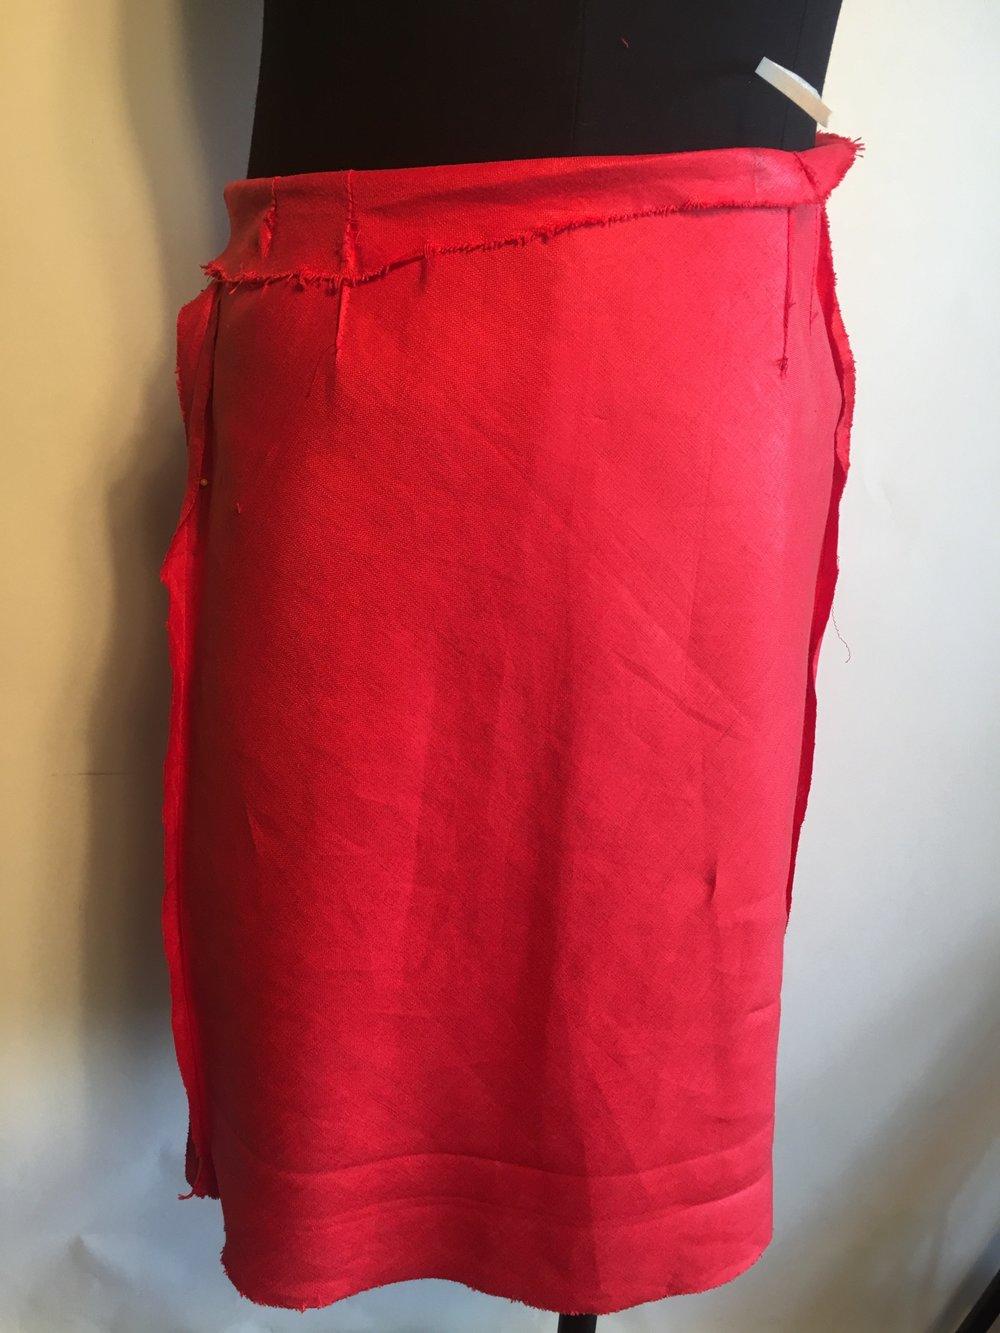 skirt18.jpg